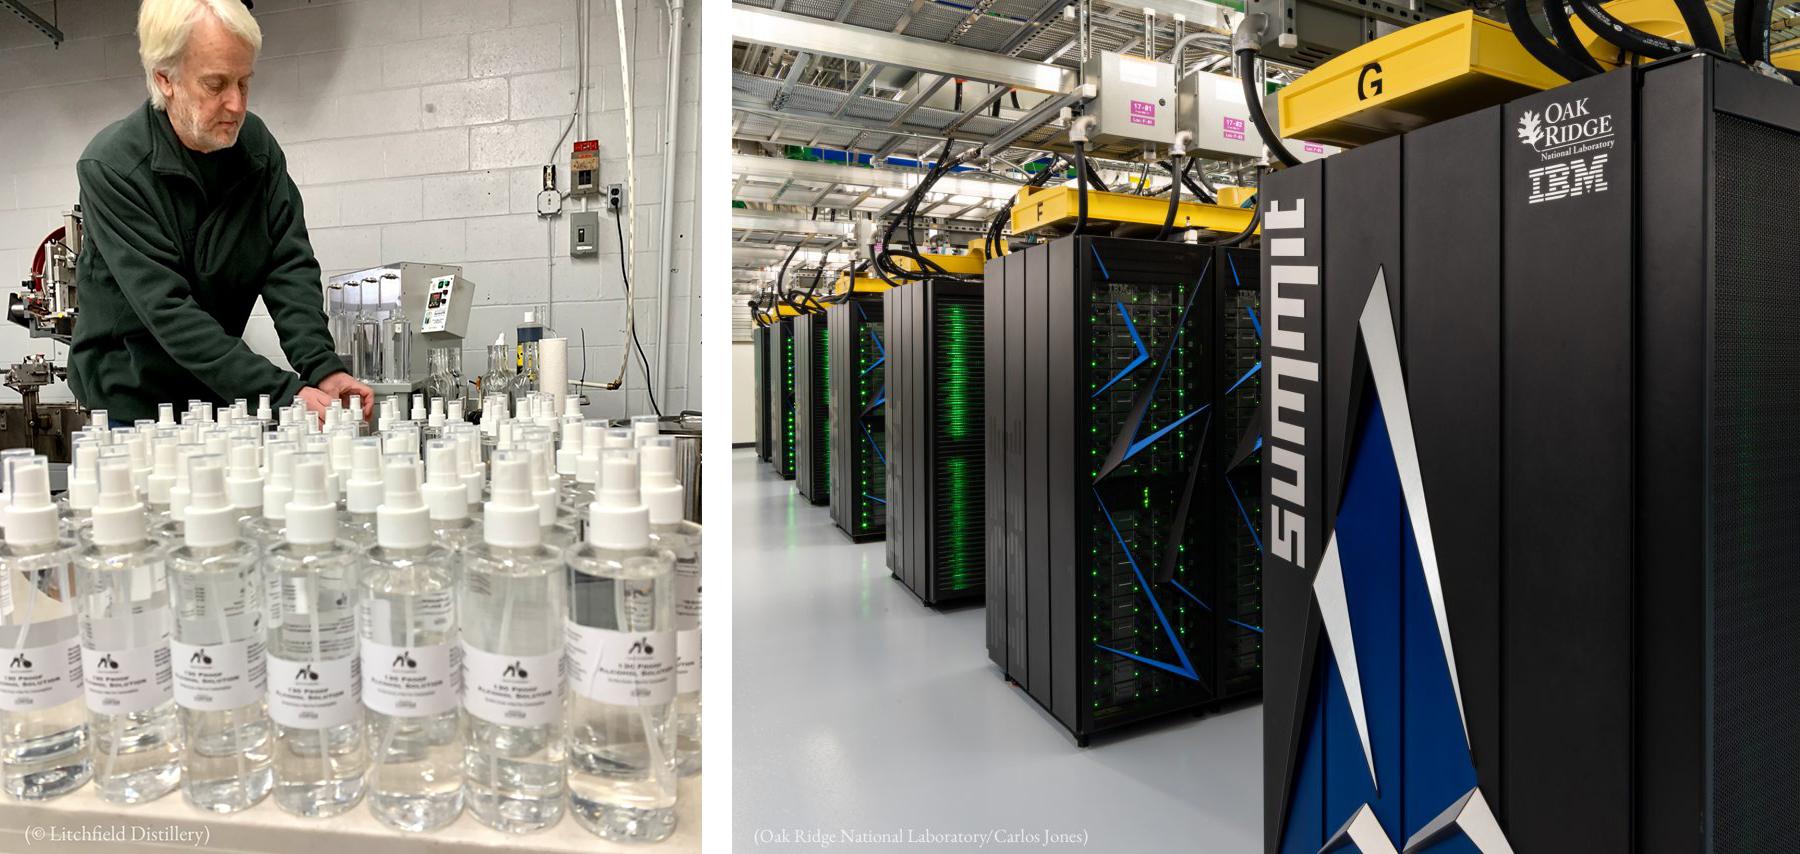 (Oak Ridge National Laboratory/Carlos Jones)